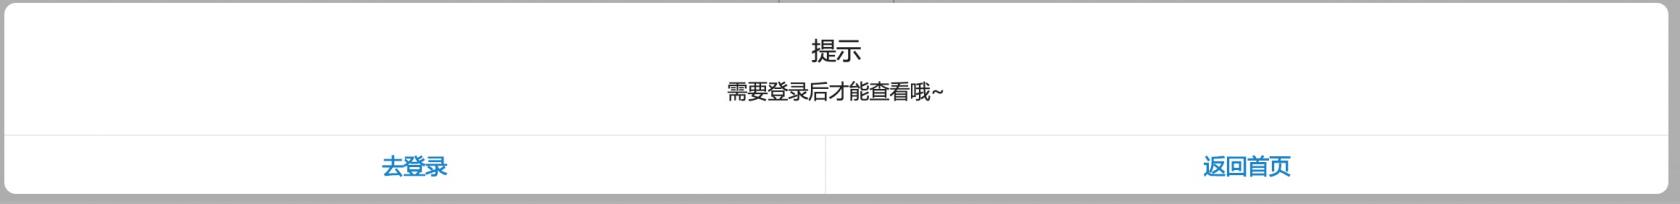 用户登录提示